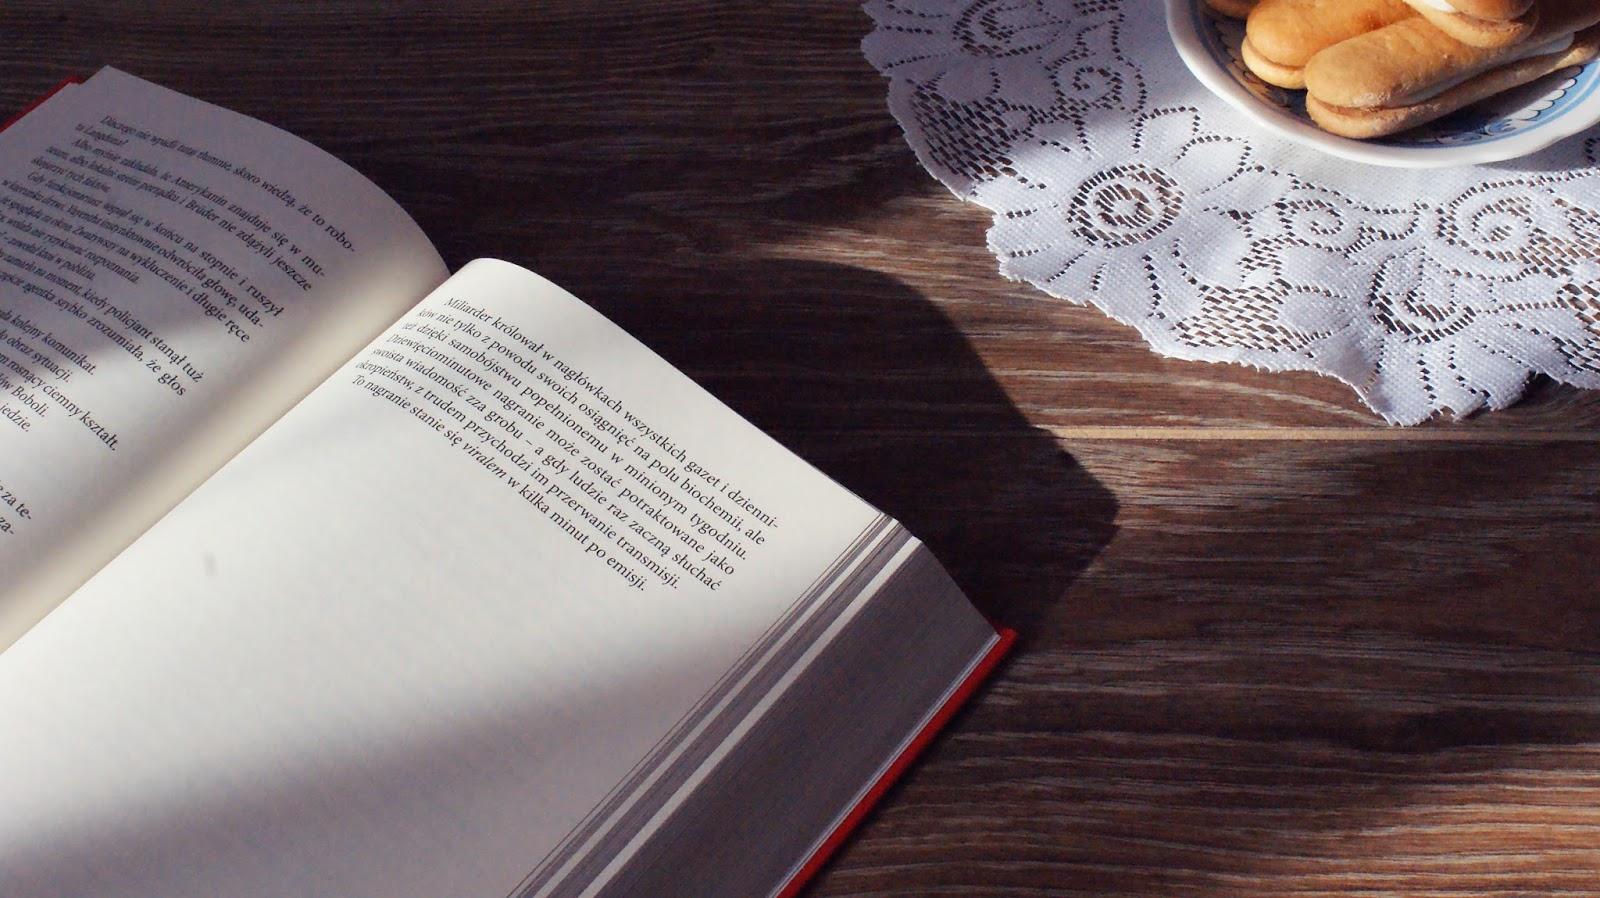 książka, ciastka, czytam, book, kocham czytać, zdjęcie książki, gdzie tanio kupować, gdzie kupować książki, tanie książki, kup teraz, dedalus, matras, oczytani, czytam.pl, aros, taniaksiążka, księgarnie internetowe, dyskont z książkami